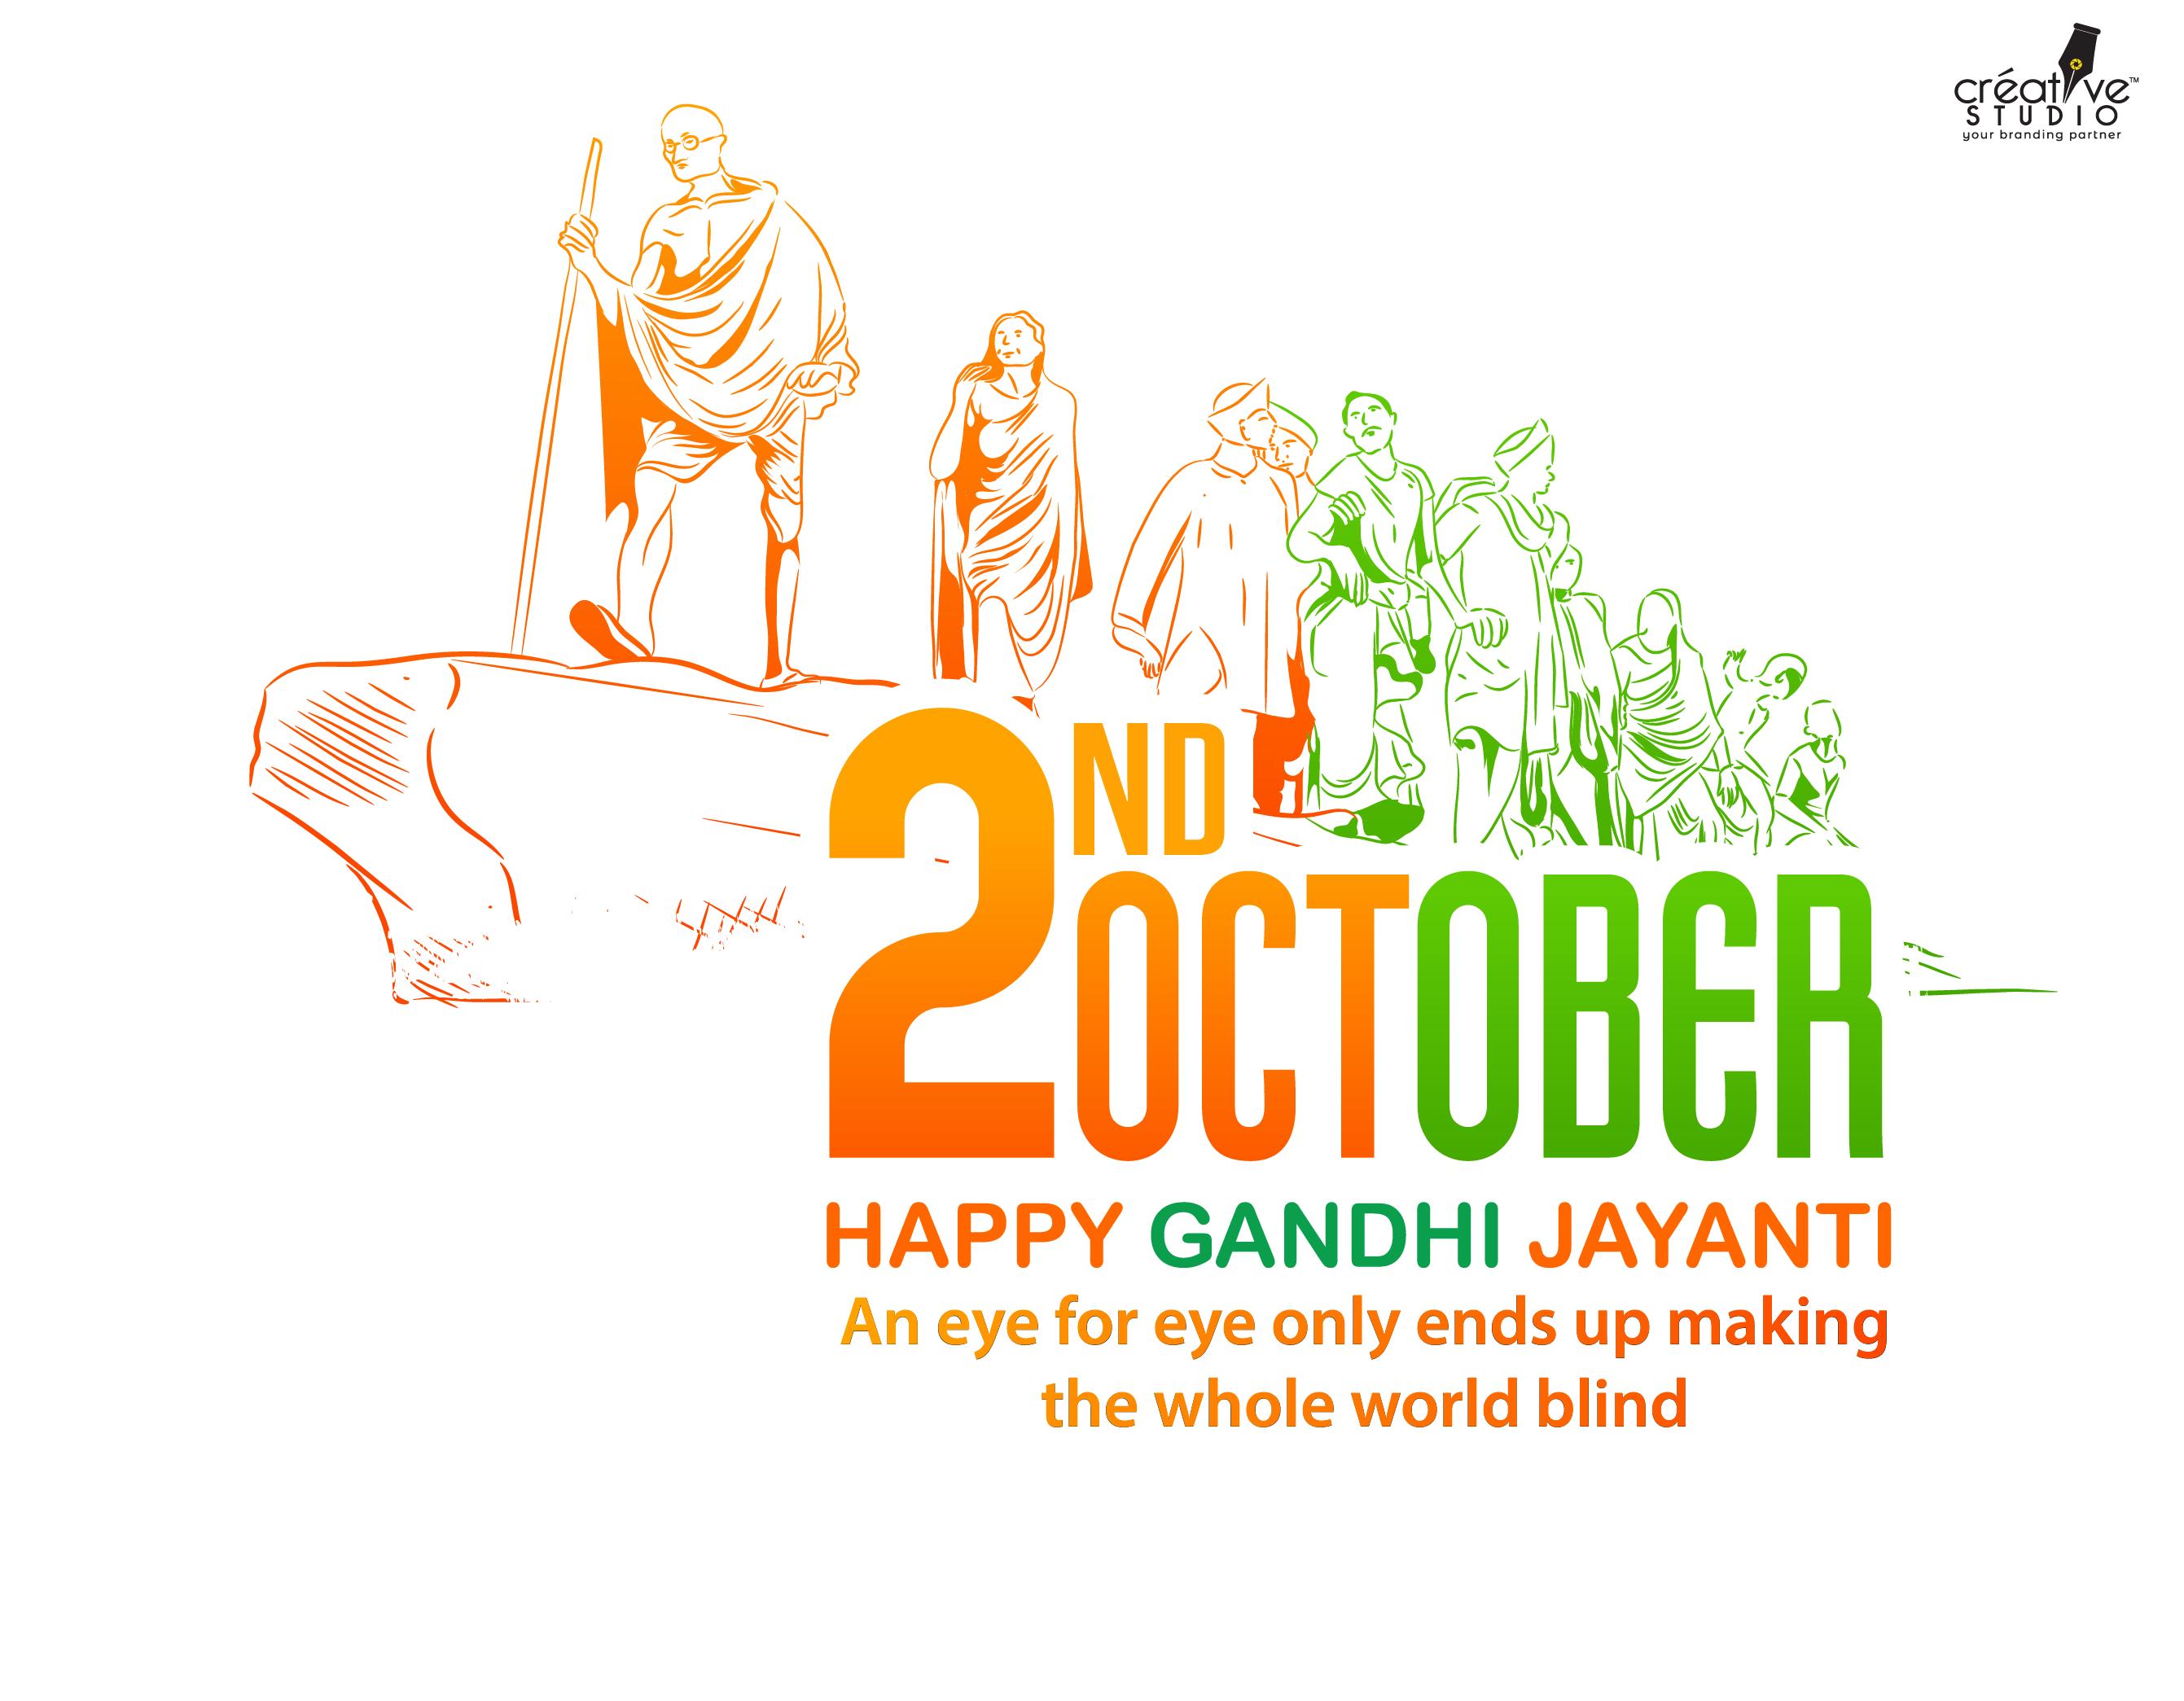 gandhi jayanti 02 - Gandhi Jayanti